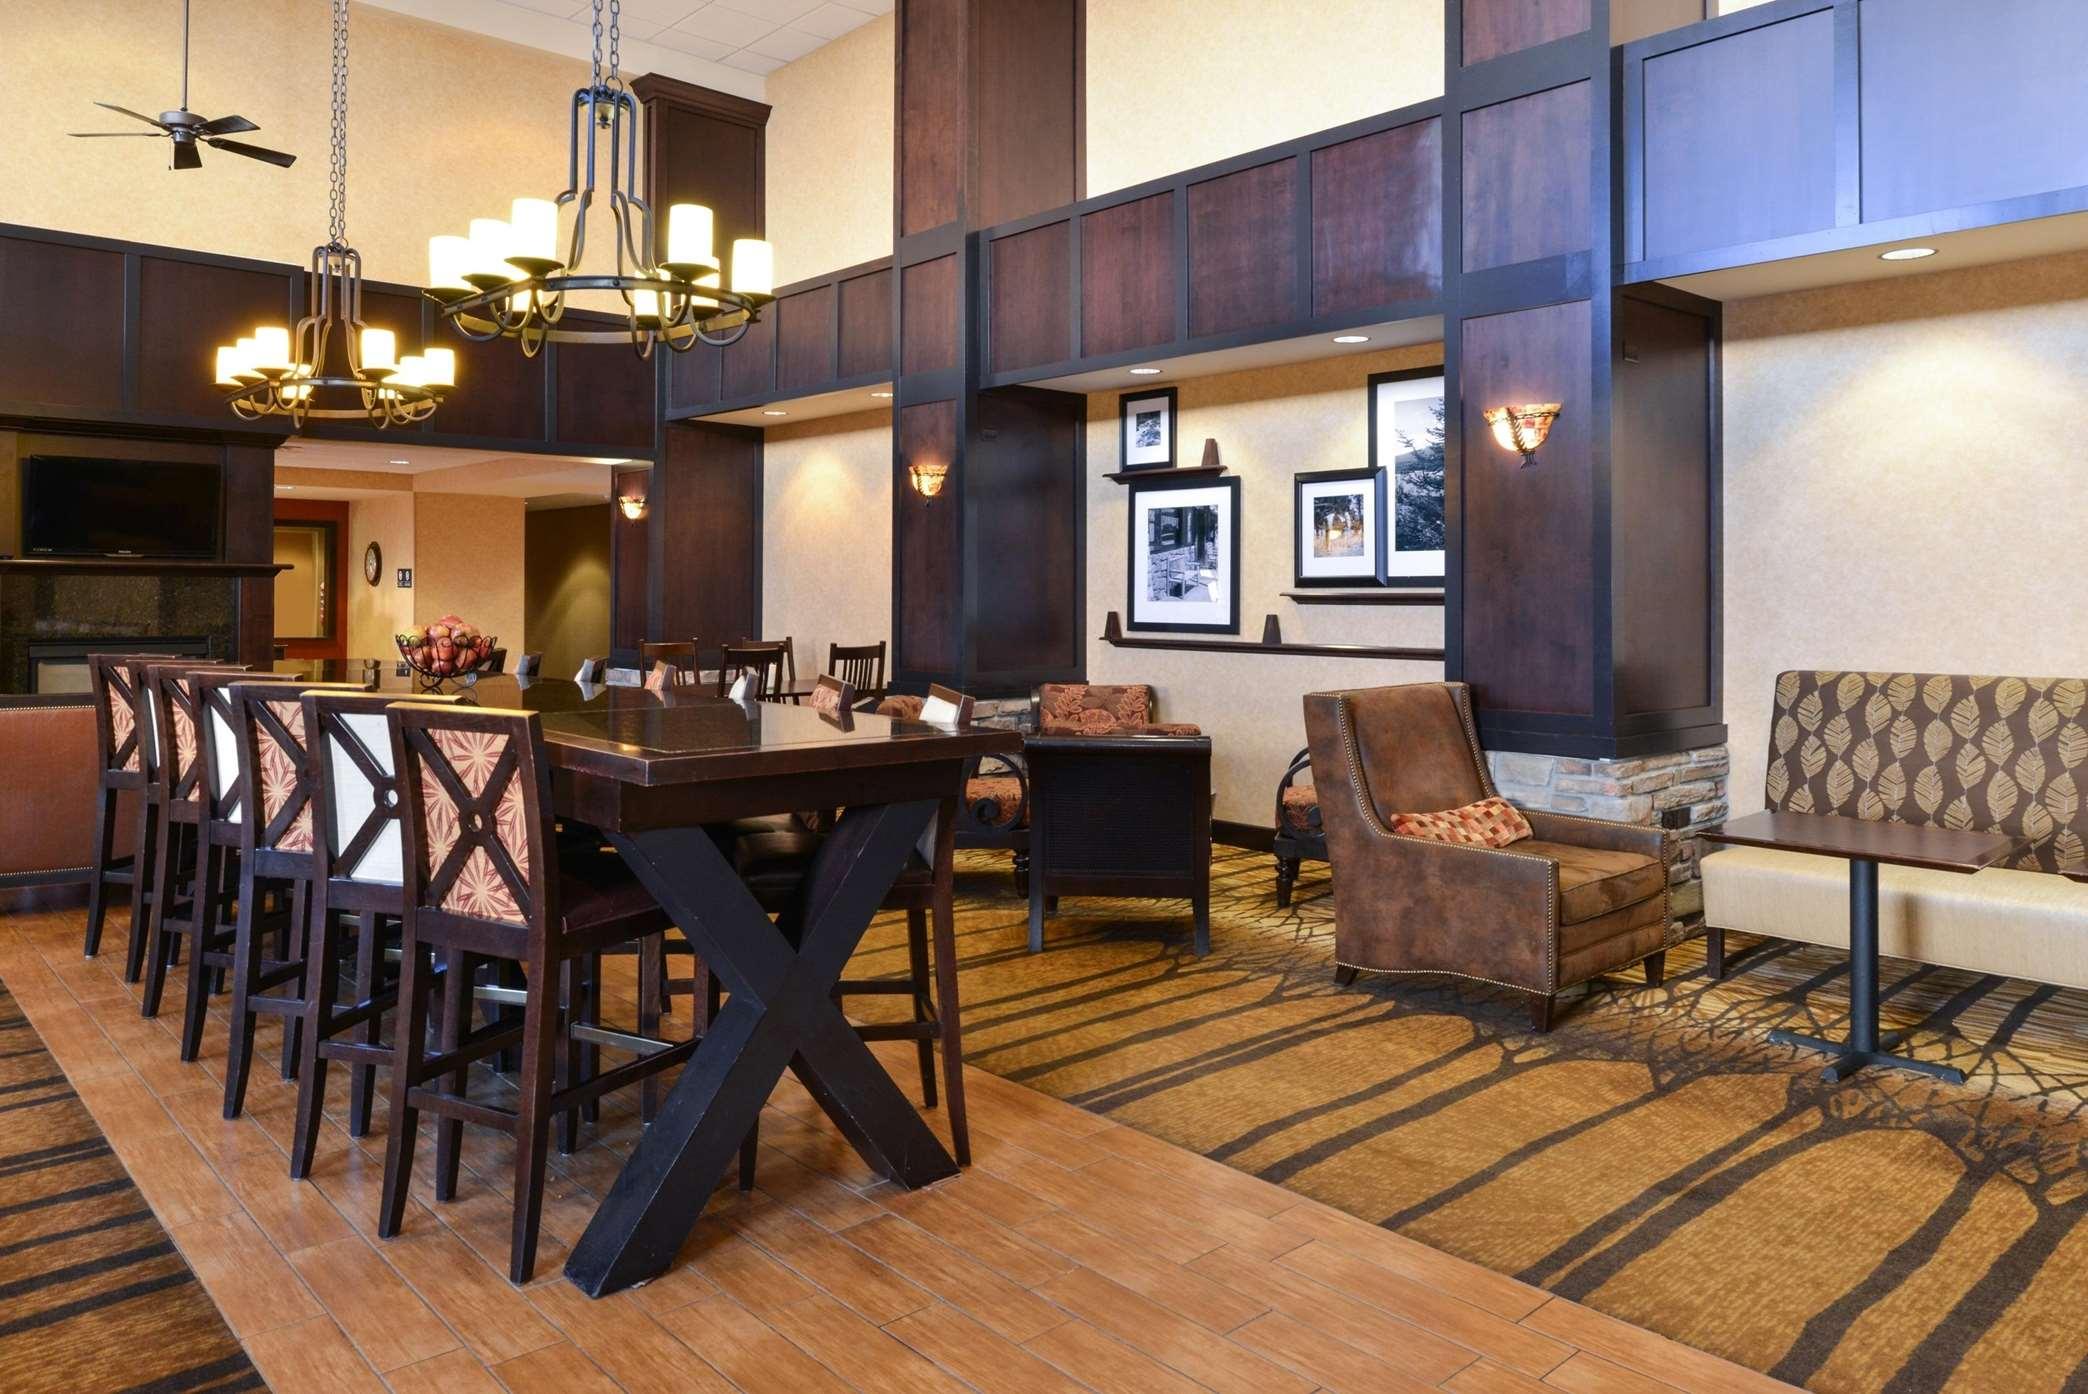 Hampton Inn & Suites Casper image 42